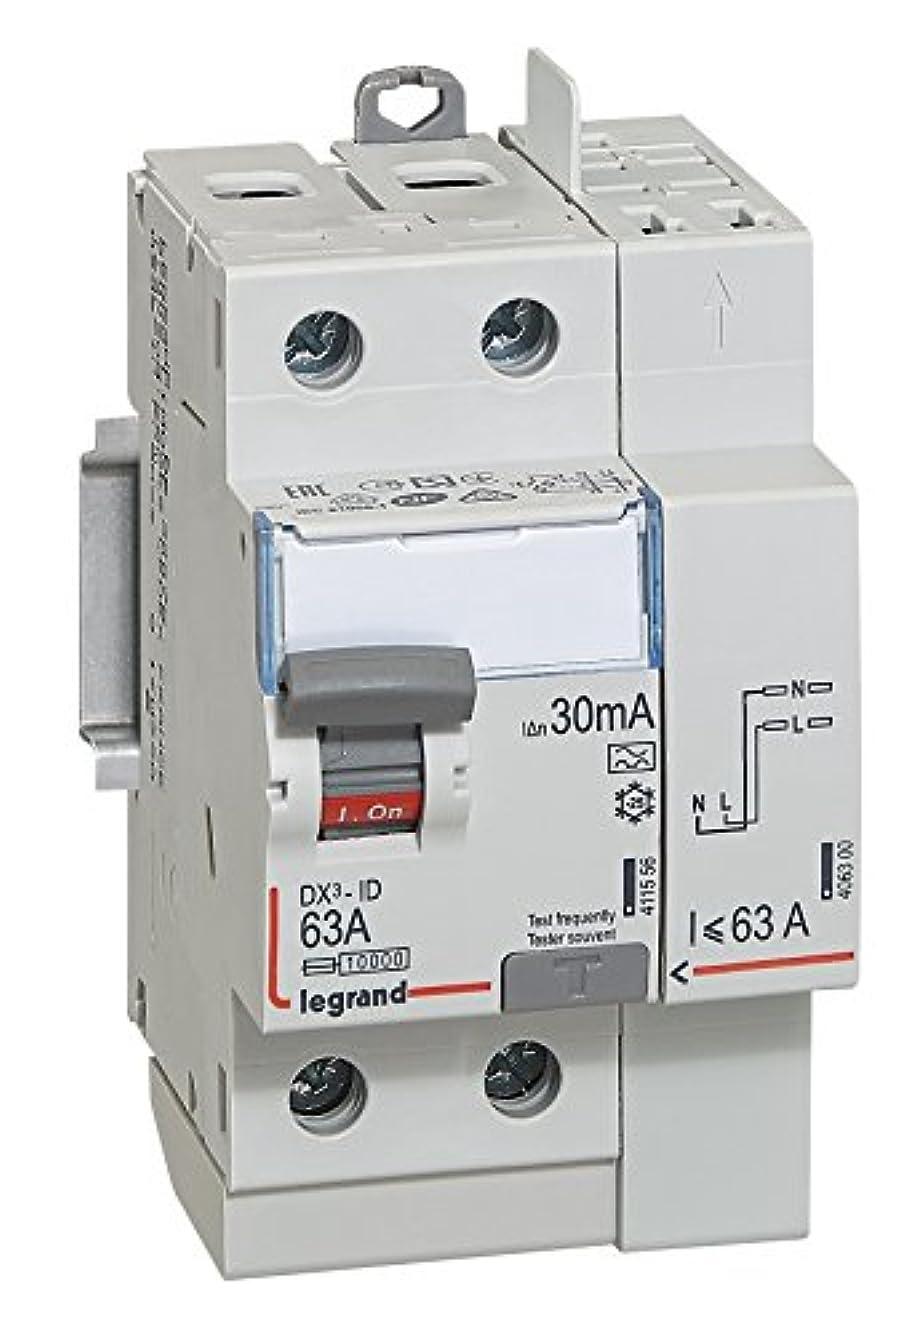 協同バックアップ内向きLegrand leg411639 dx3-id Schalter Schutzschalter 2-polig 63 A Typ A 30 mA TGA